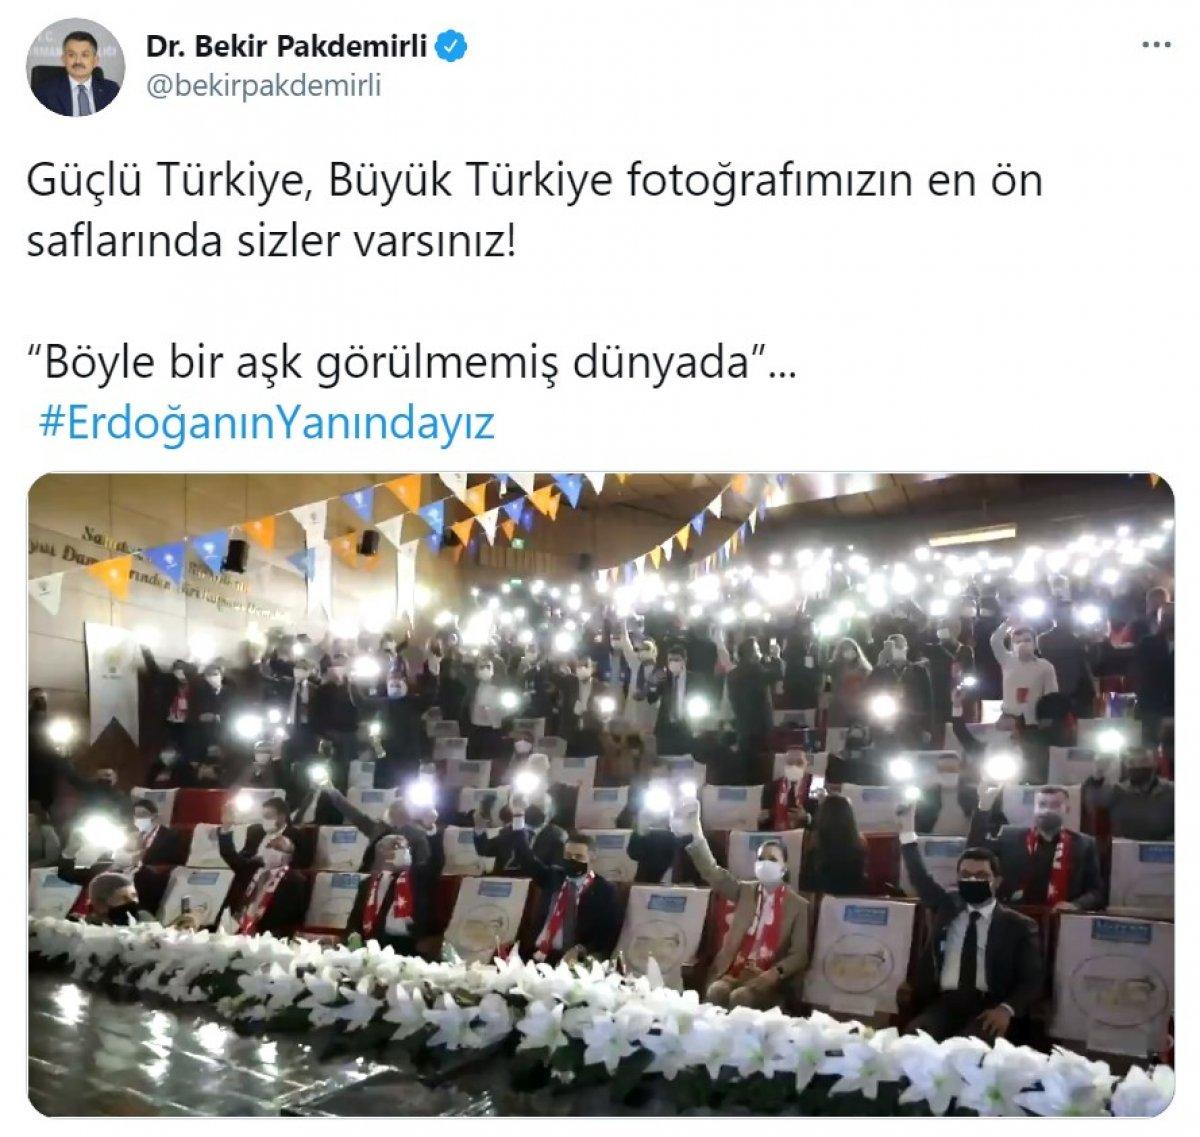 Cumhurbaşkanı Erdoğan a destek tweet leri 2 milyonu aştı #14